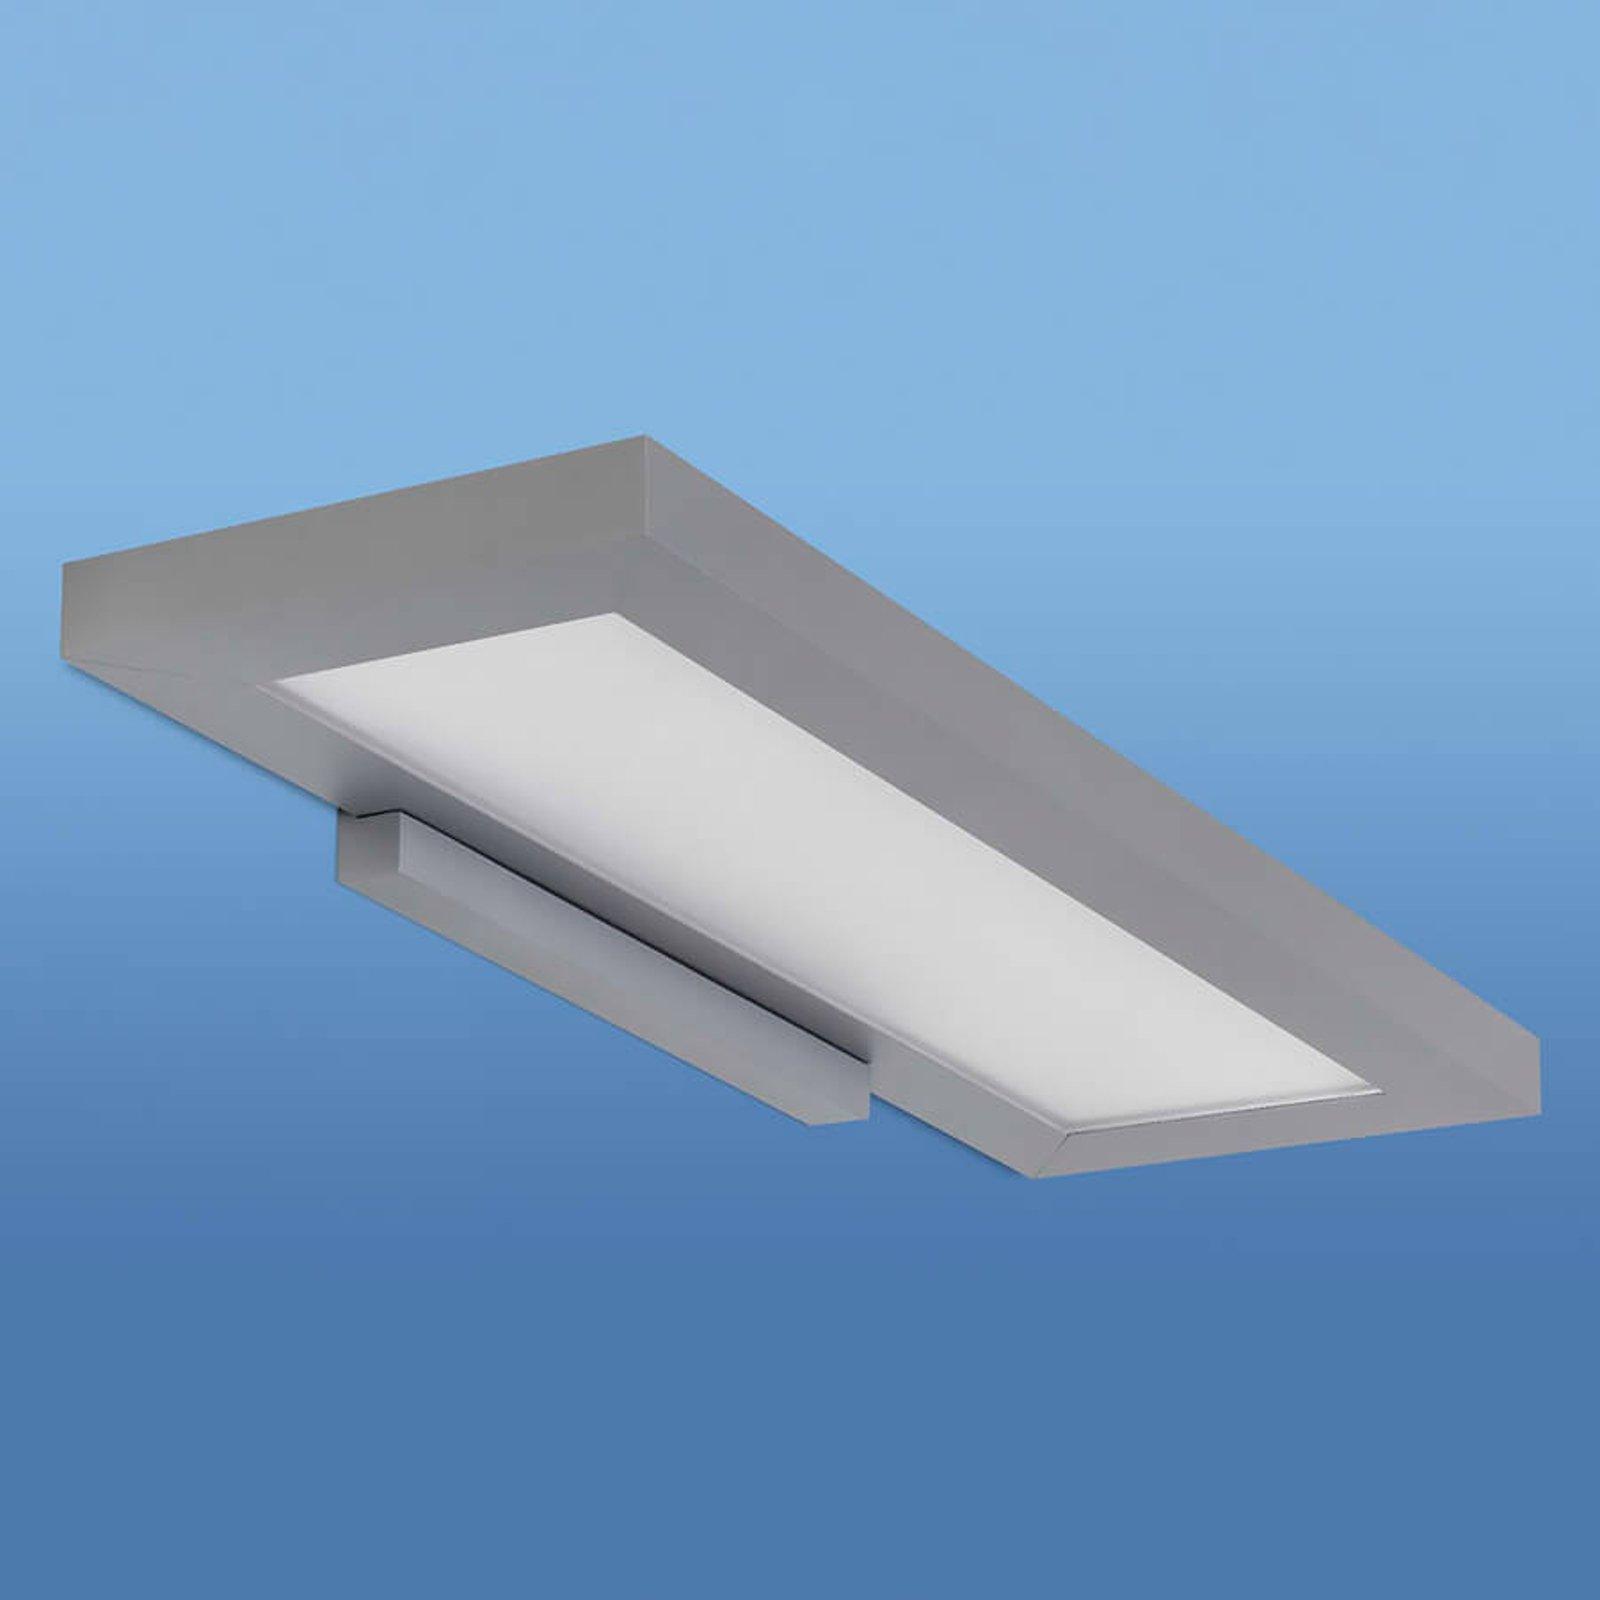 CWP - LED-vegglampe til kontoret, 75 W